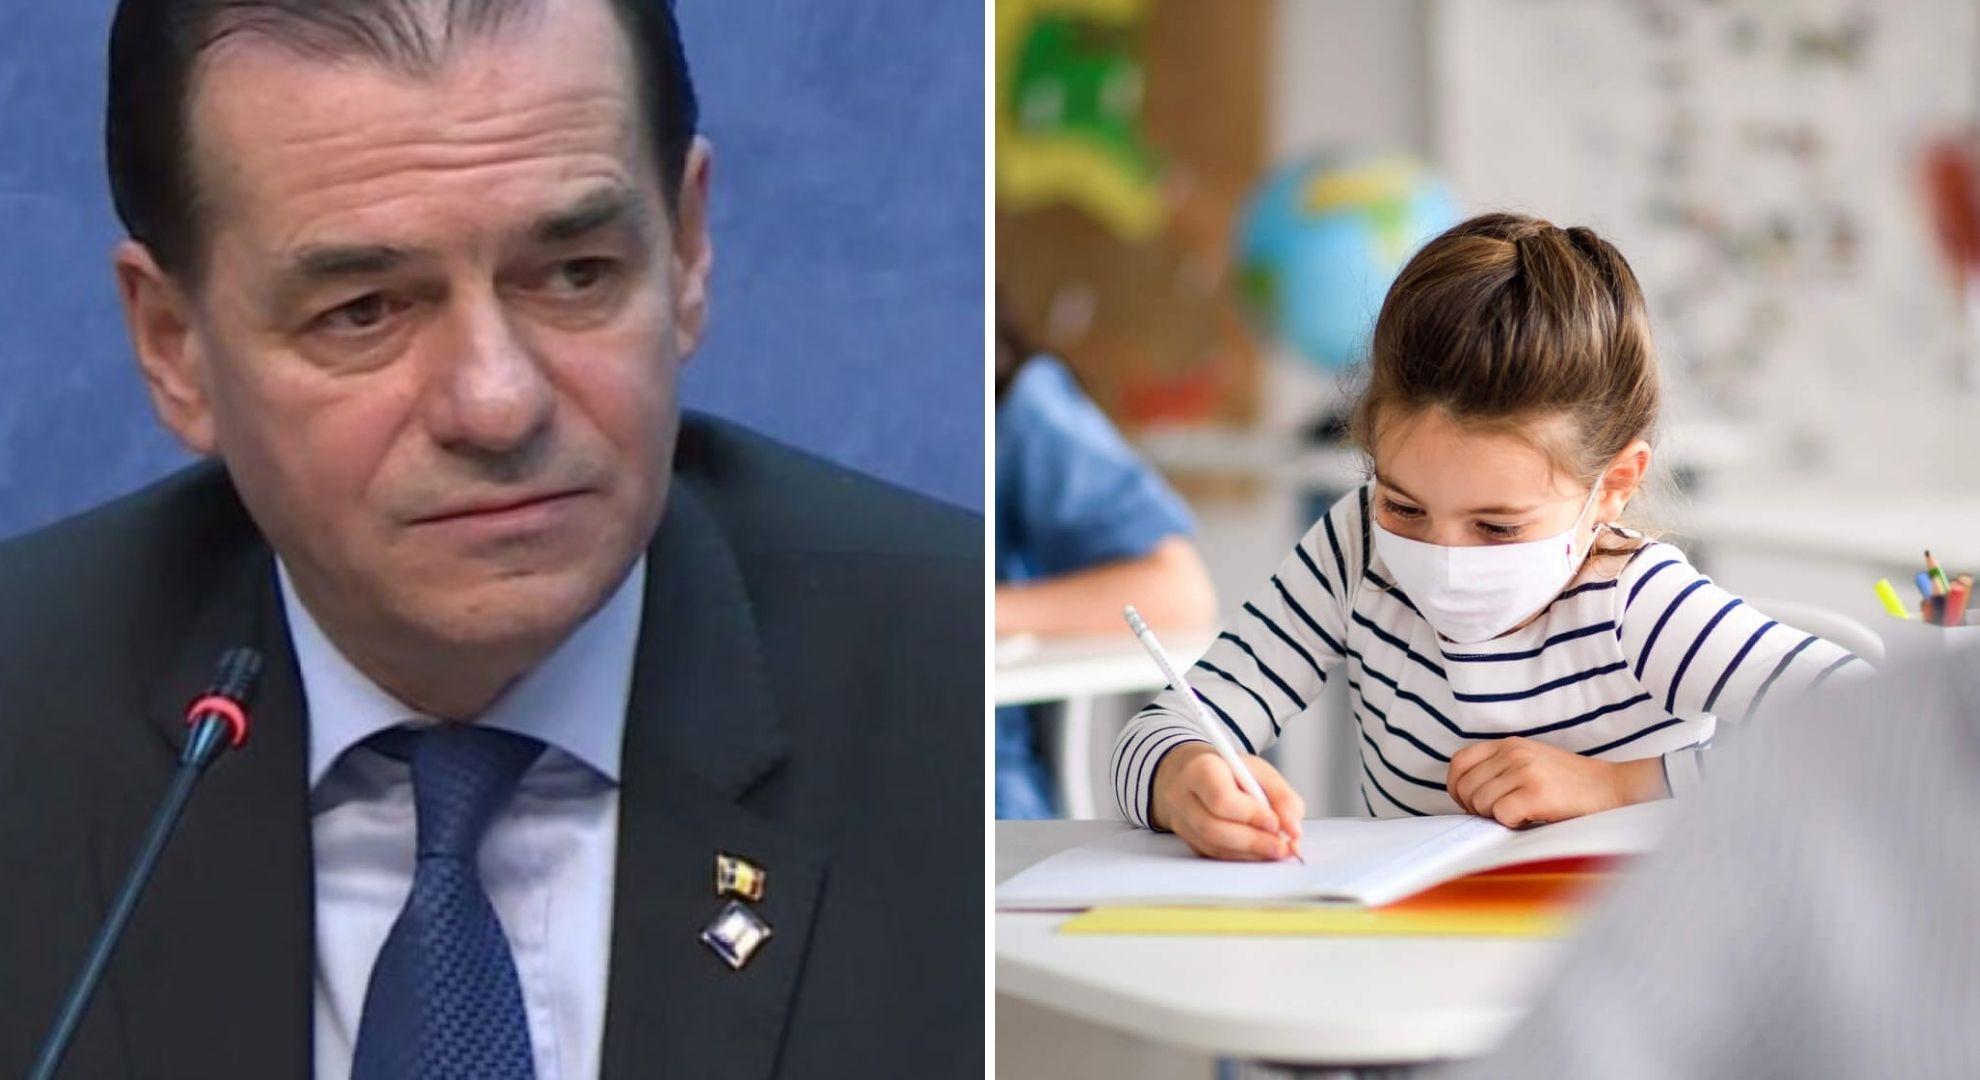 Anul școlar 2020-2021. Câteva sute de școli în scenariul roșu. Ce spune Orban